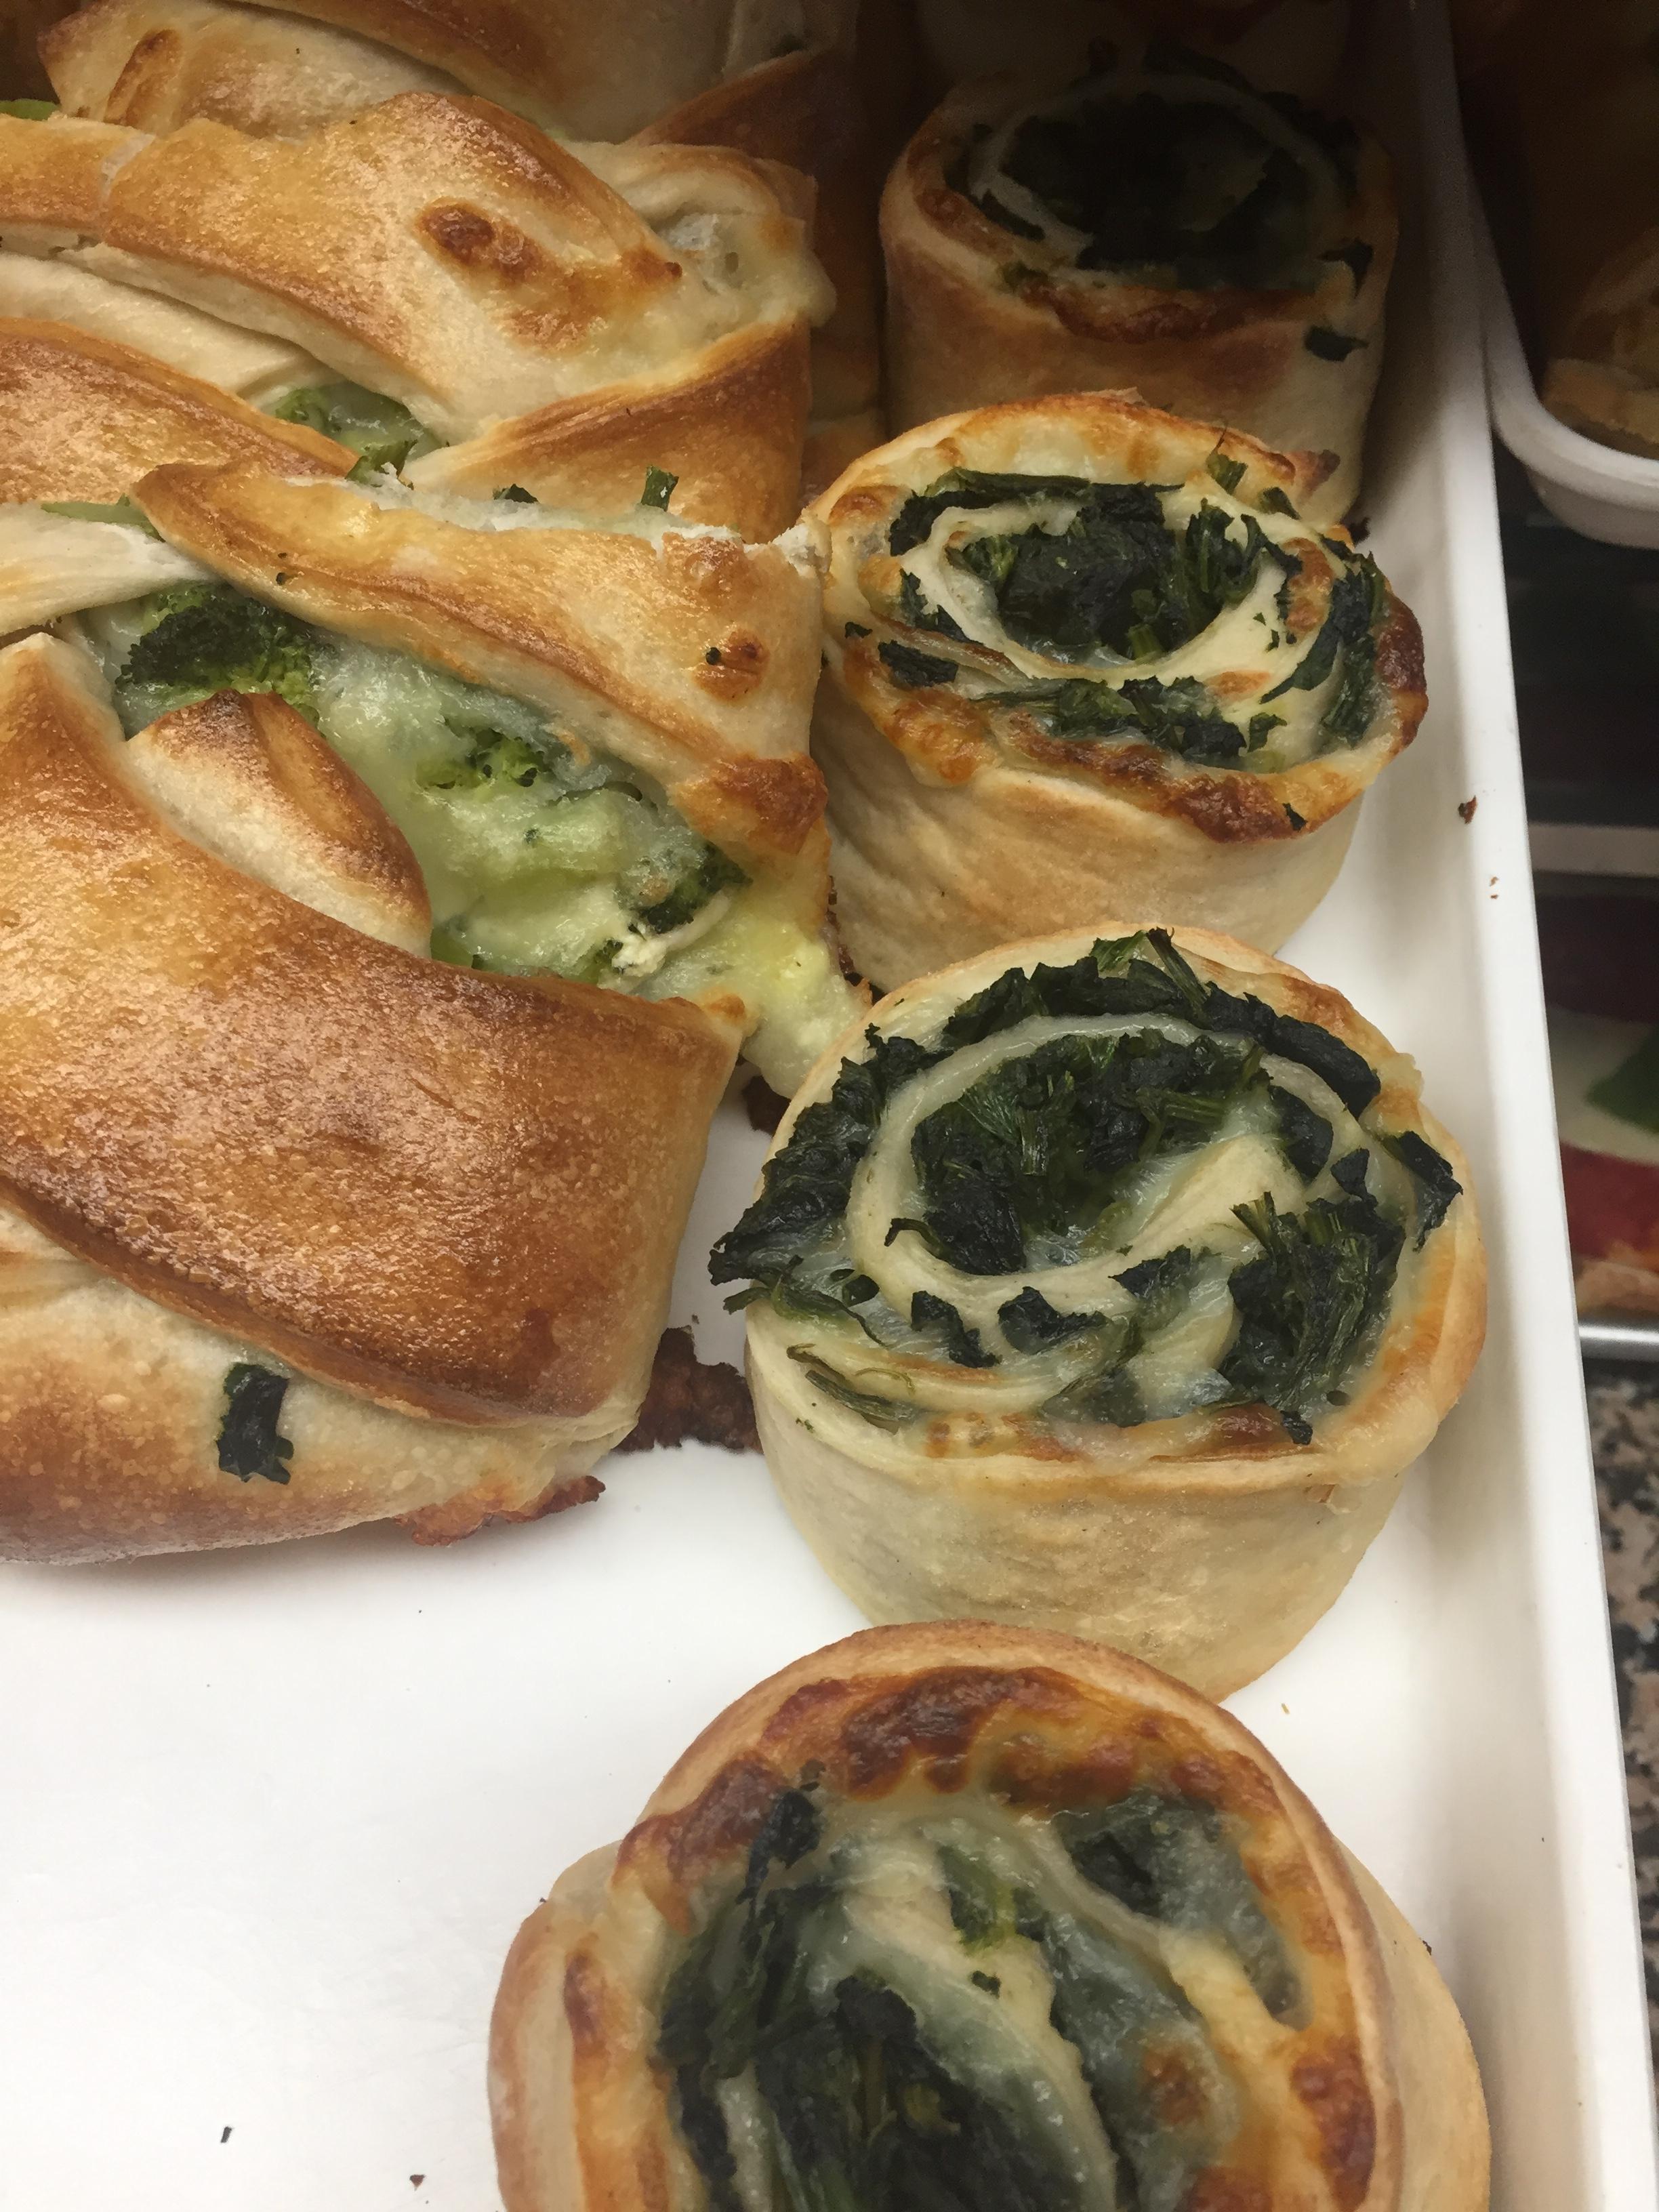 Prince Umberto\'s | Award Winning Italian Eatery in Franklin Square, NY!